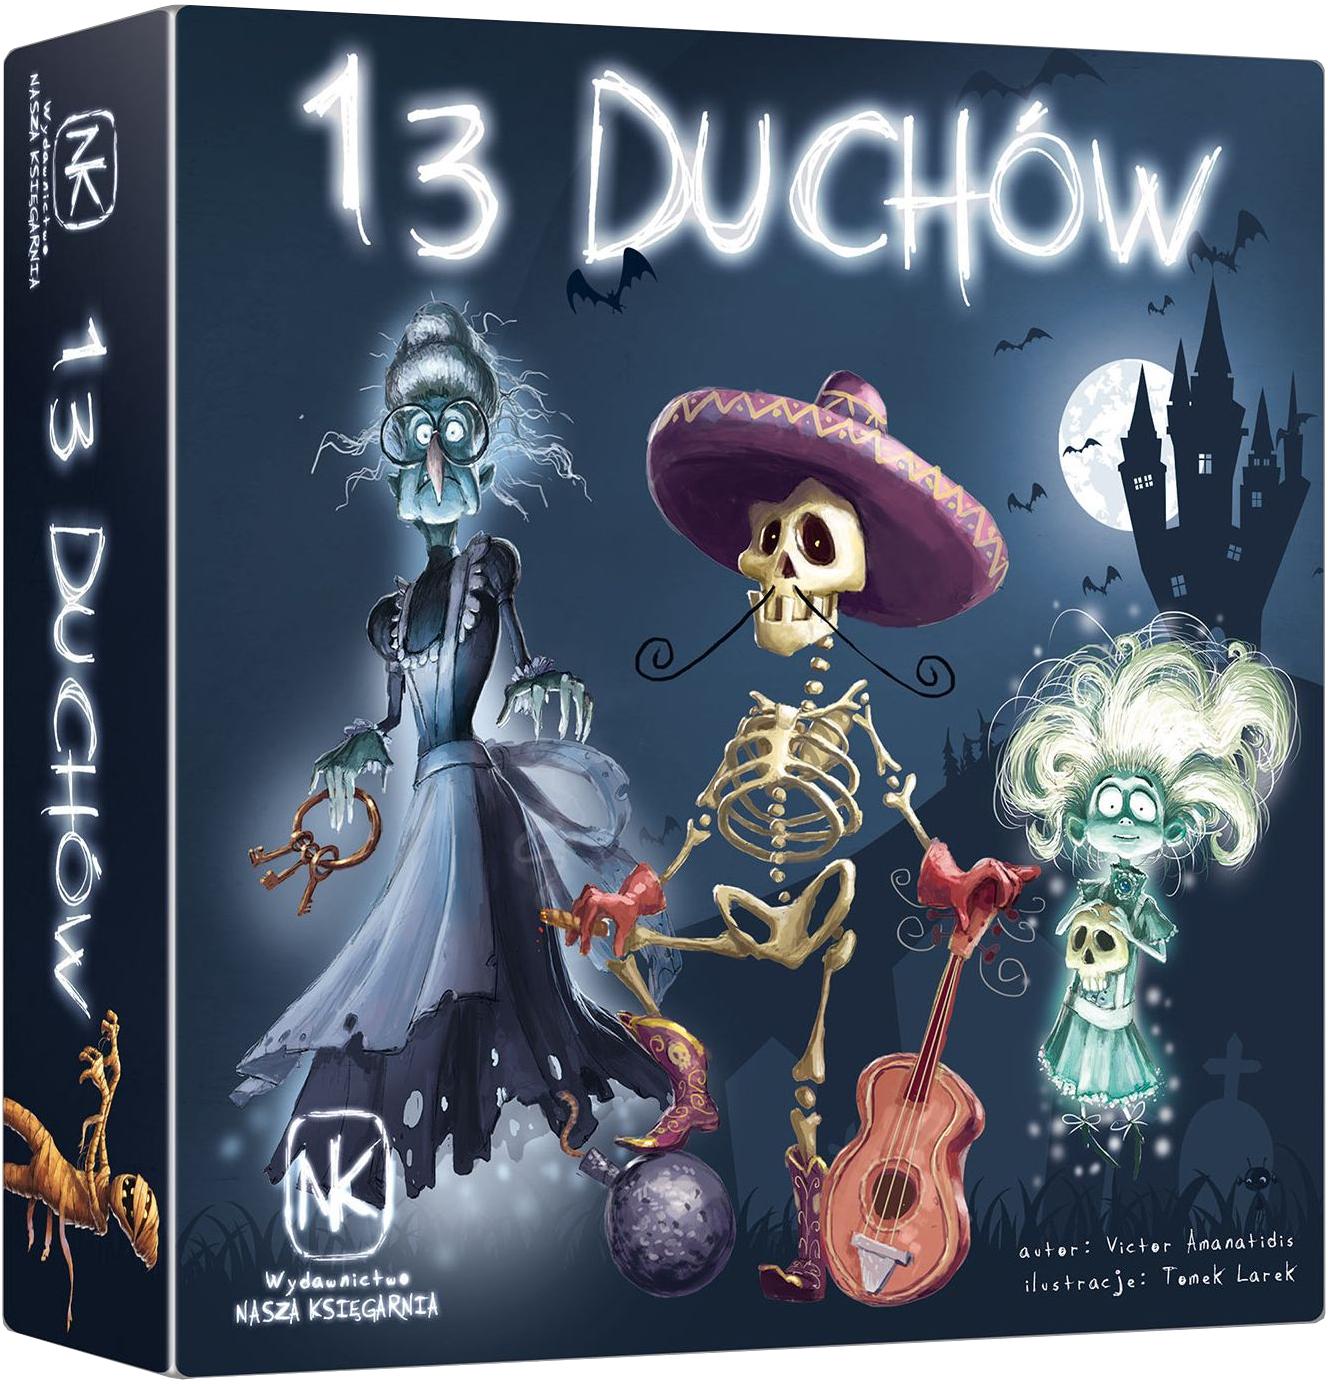 13 duchów (Gra Karciana)